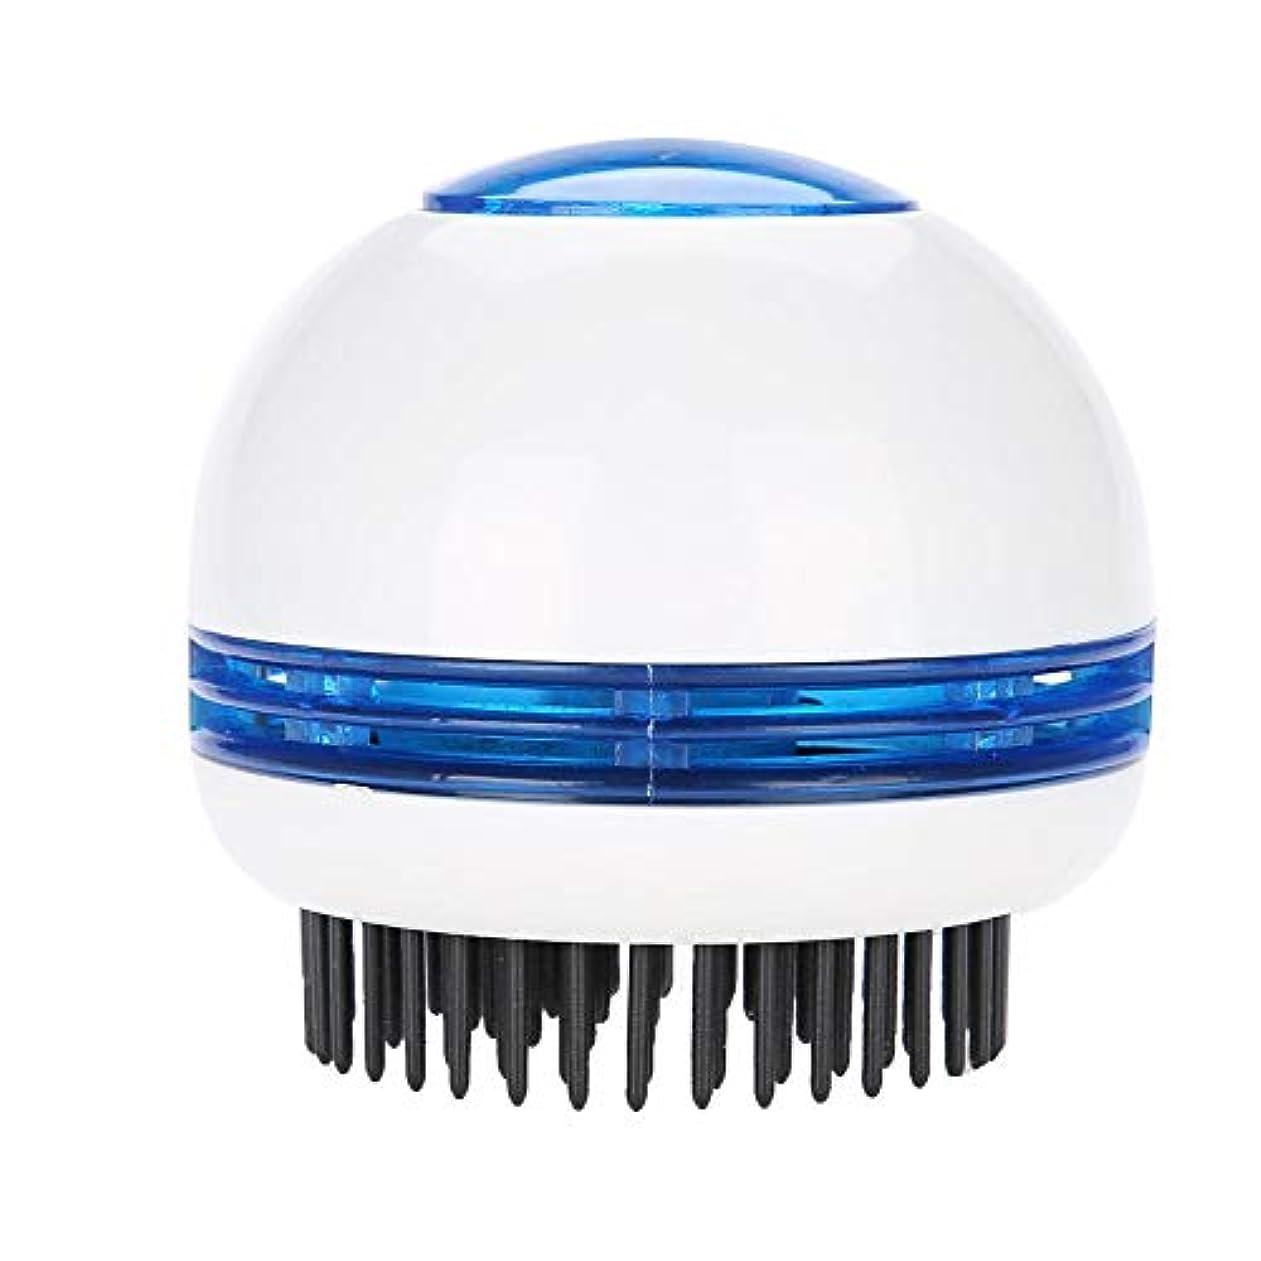 給料こんにちはキャプションTOPINCN 電気 マッサージブラシ ヘッドマッサージャー 帯電防止 頭皮のリラクゼーション ストレス緩和 ヘアスクラバーブラシ